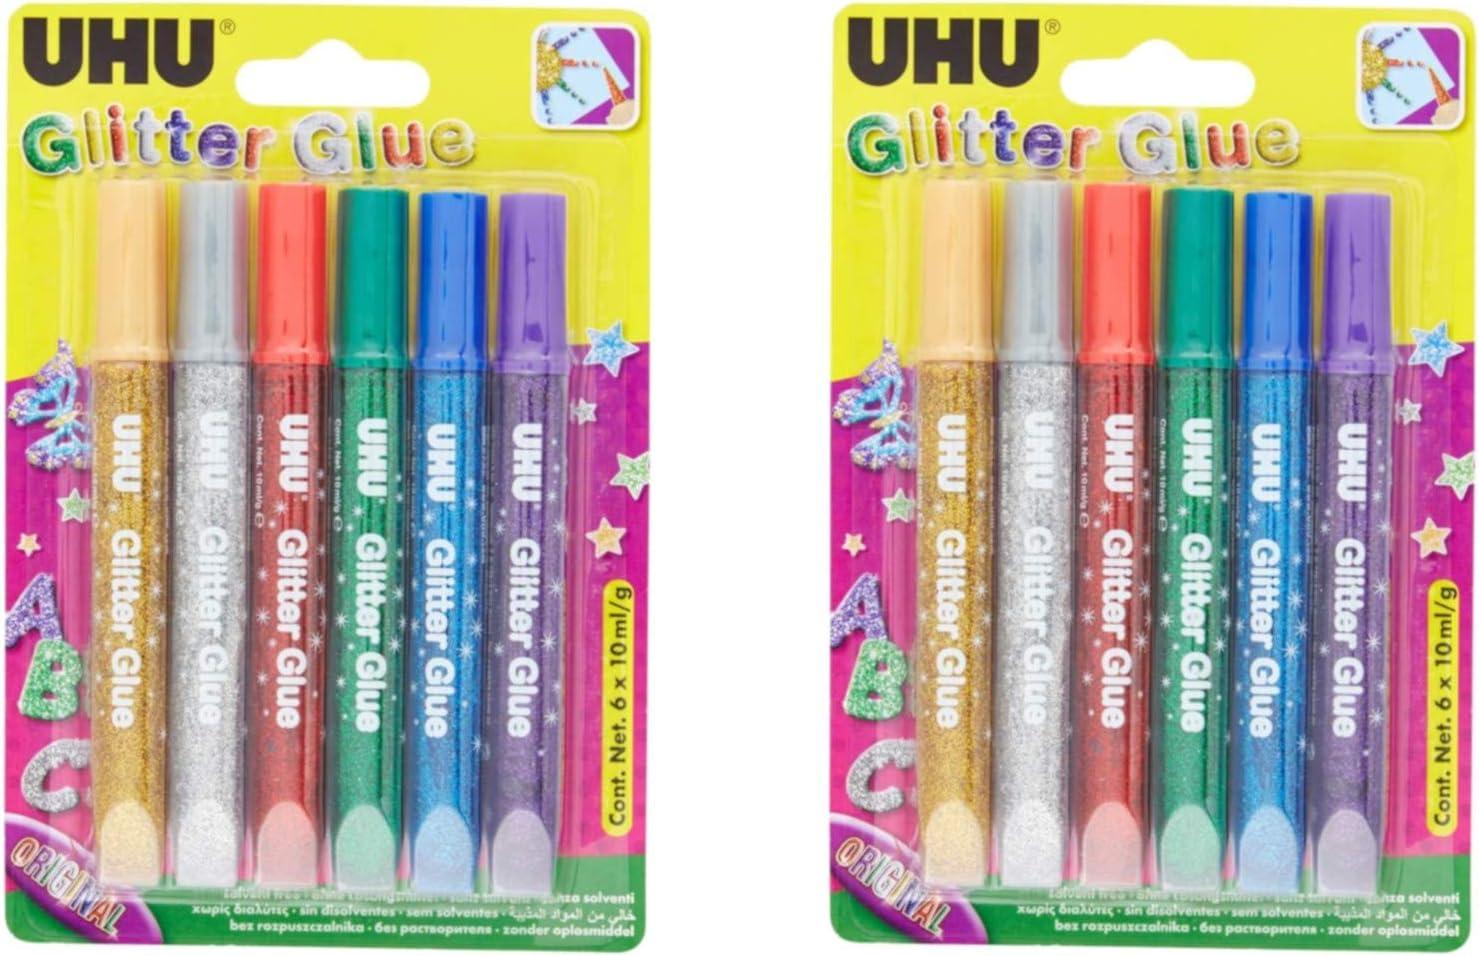 3 Farben sortiert | 2 Packungen UHU Glitter Glue 6 x 10 ml Glitzerkleber zum Basteln in Tube mit feiner Dosierspitze